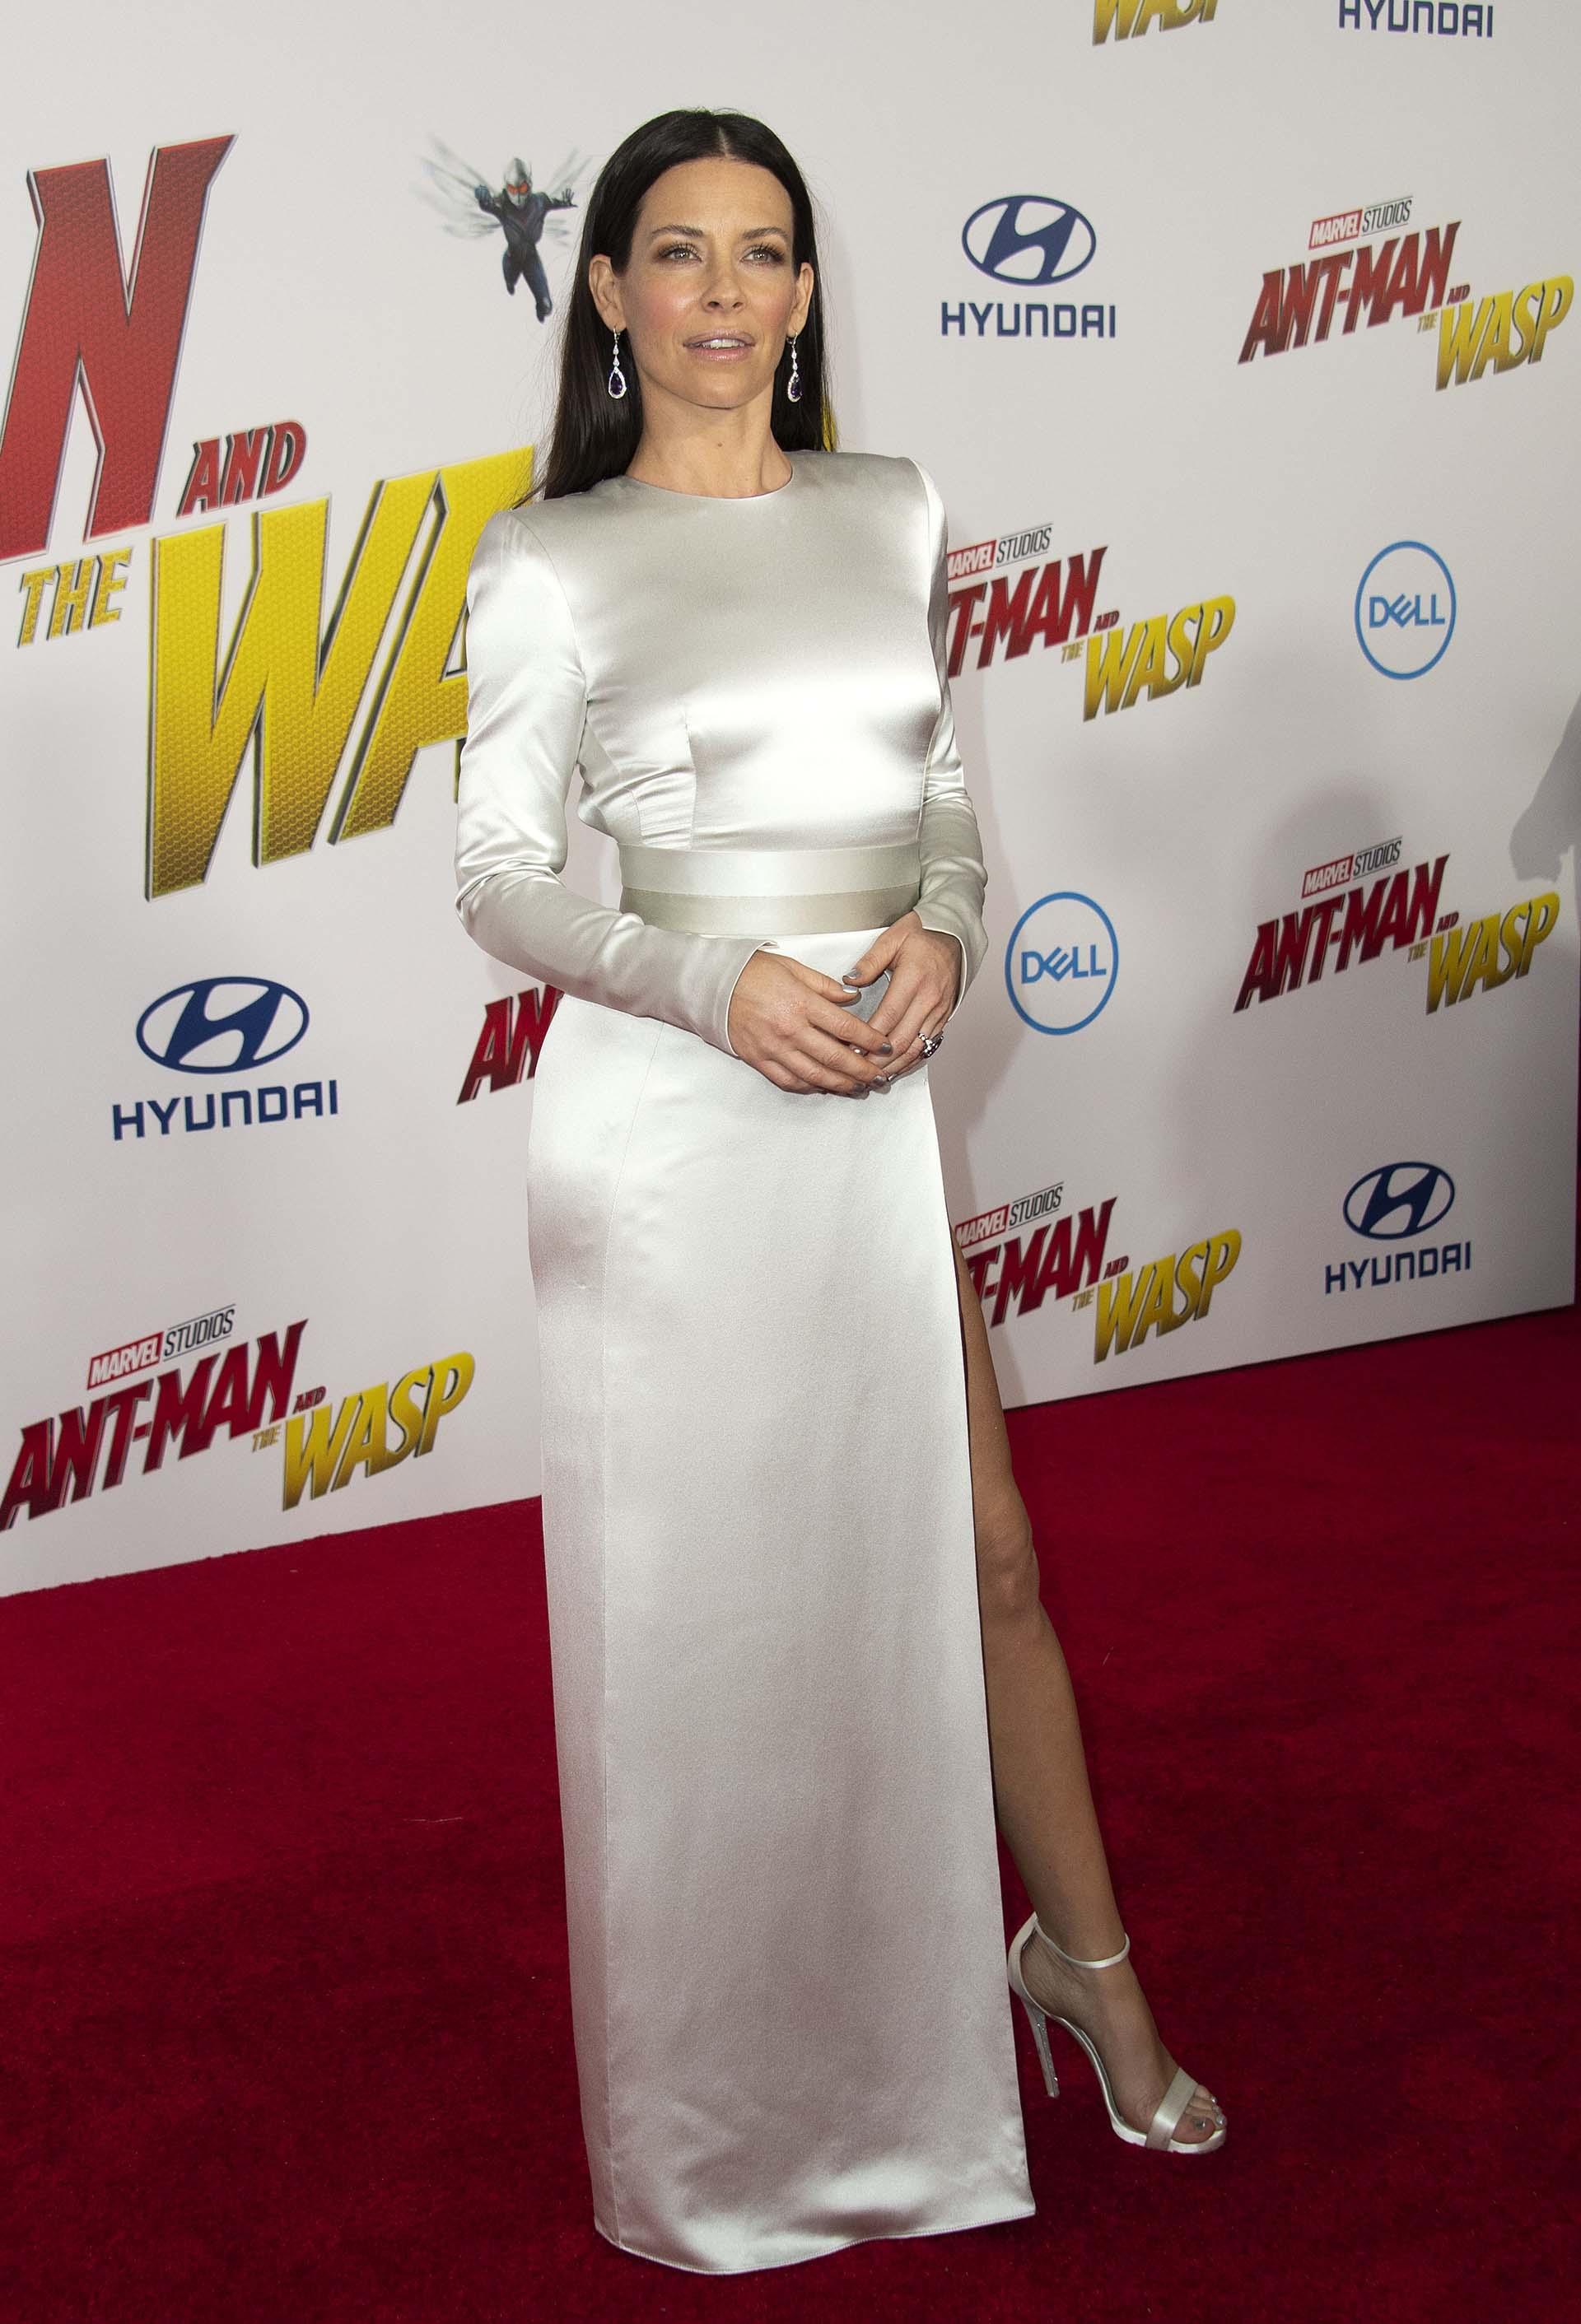 Evangeline Lilly integra el reparto de actores del film, junto aPaul Rudd,Michelle Pfeiffer,Michael Peña y Michael Douglas